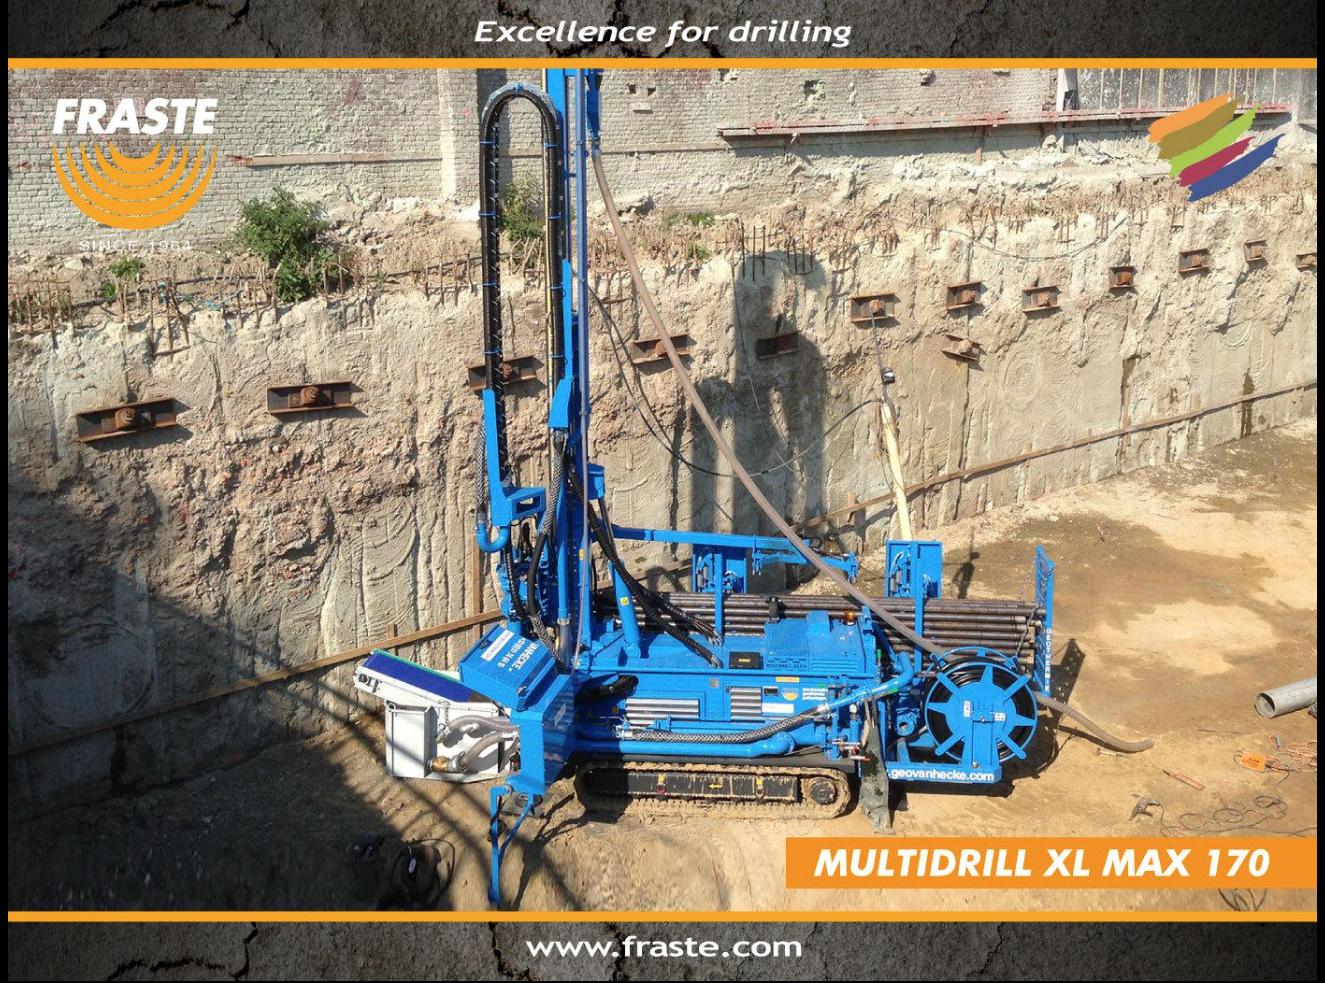 LA VERSATILE MULTIDRILL XL MAX 170 DI FRASTE - Perforare - carotaggi consolidamenti FRASTE indagini geognostiche micro-pali Multidrill XL MAX 170 pozzi - News Perforazioni 1